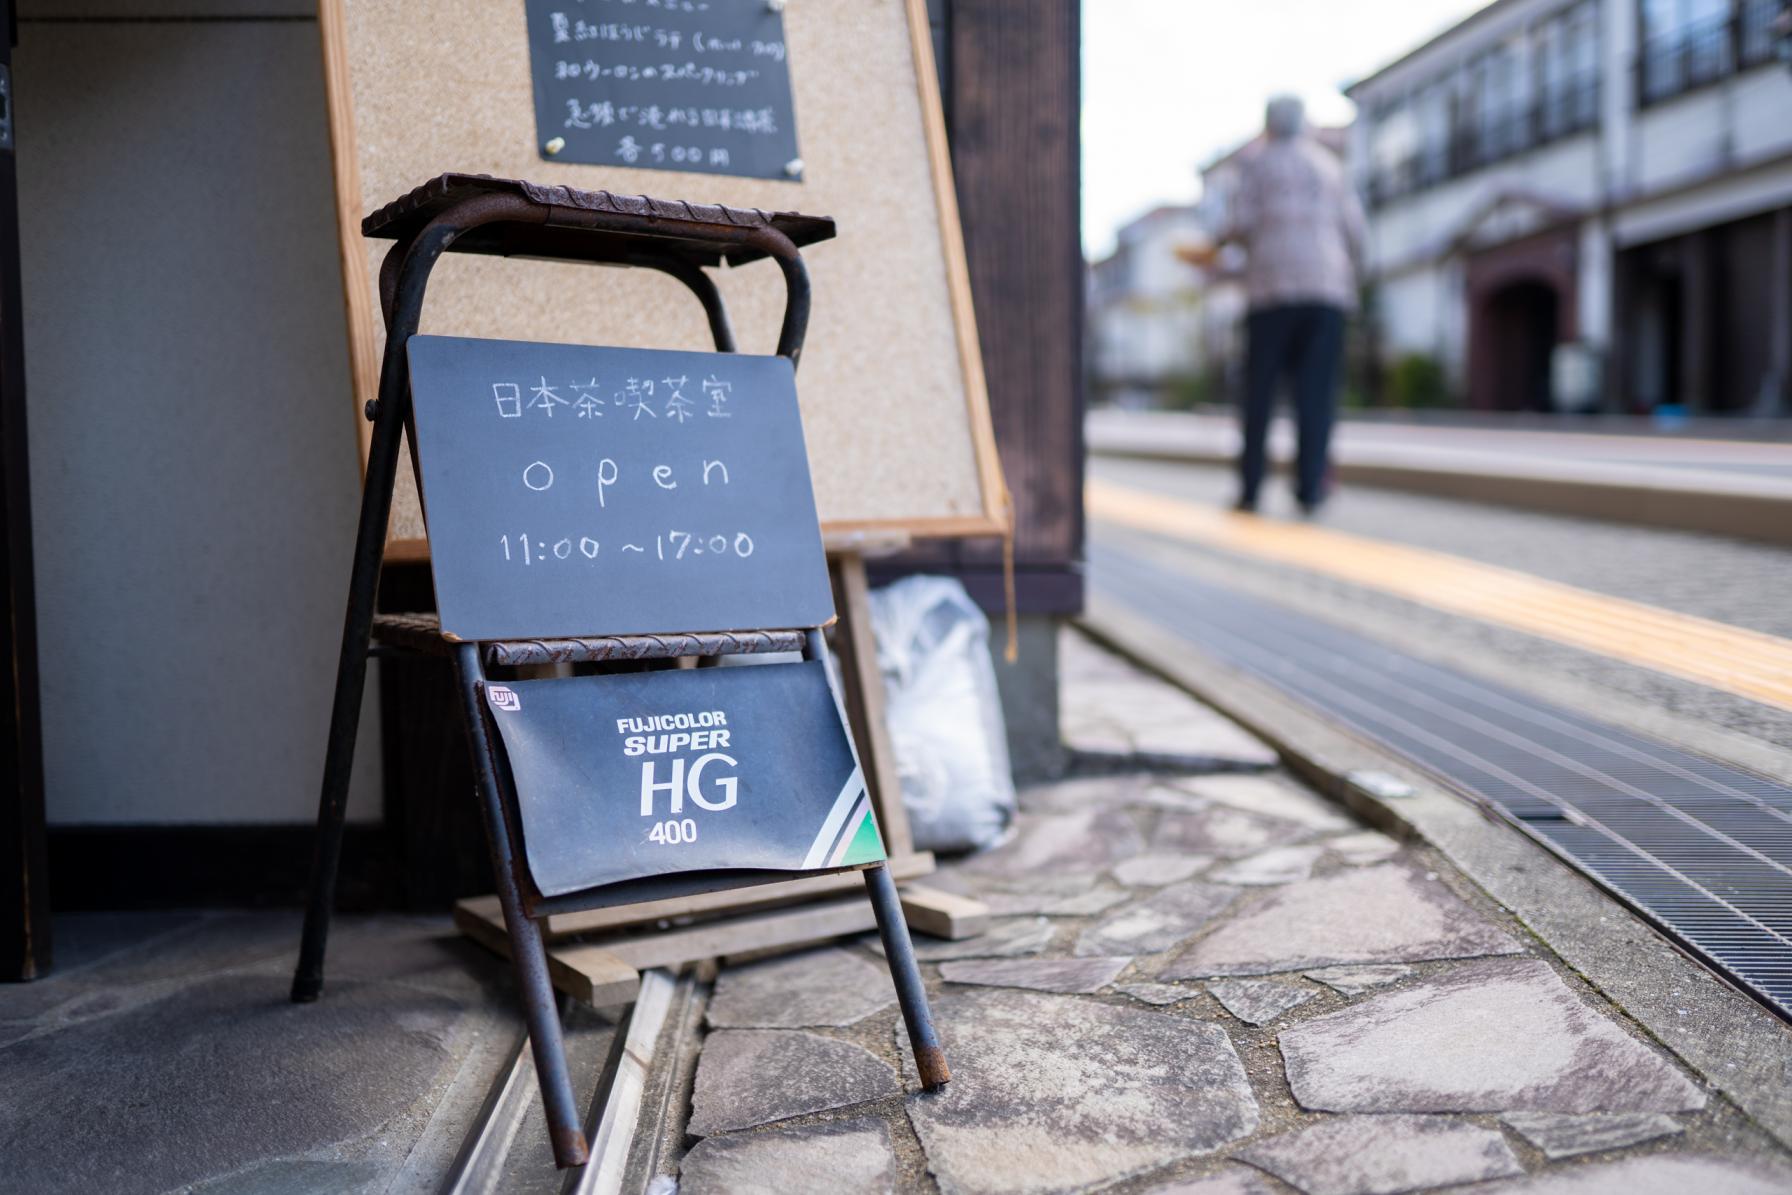 日本一のそのぎ茶も扱う喫茶室で感覚を研ぎ澄ませるワークショップ体験!-0